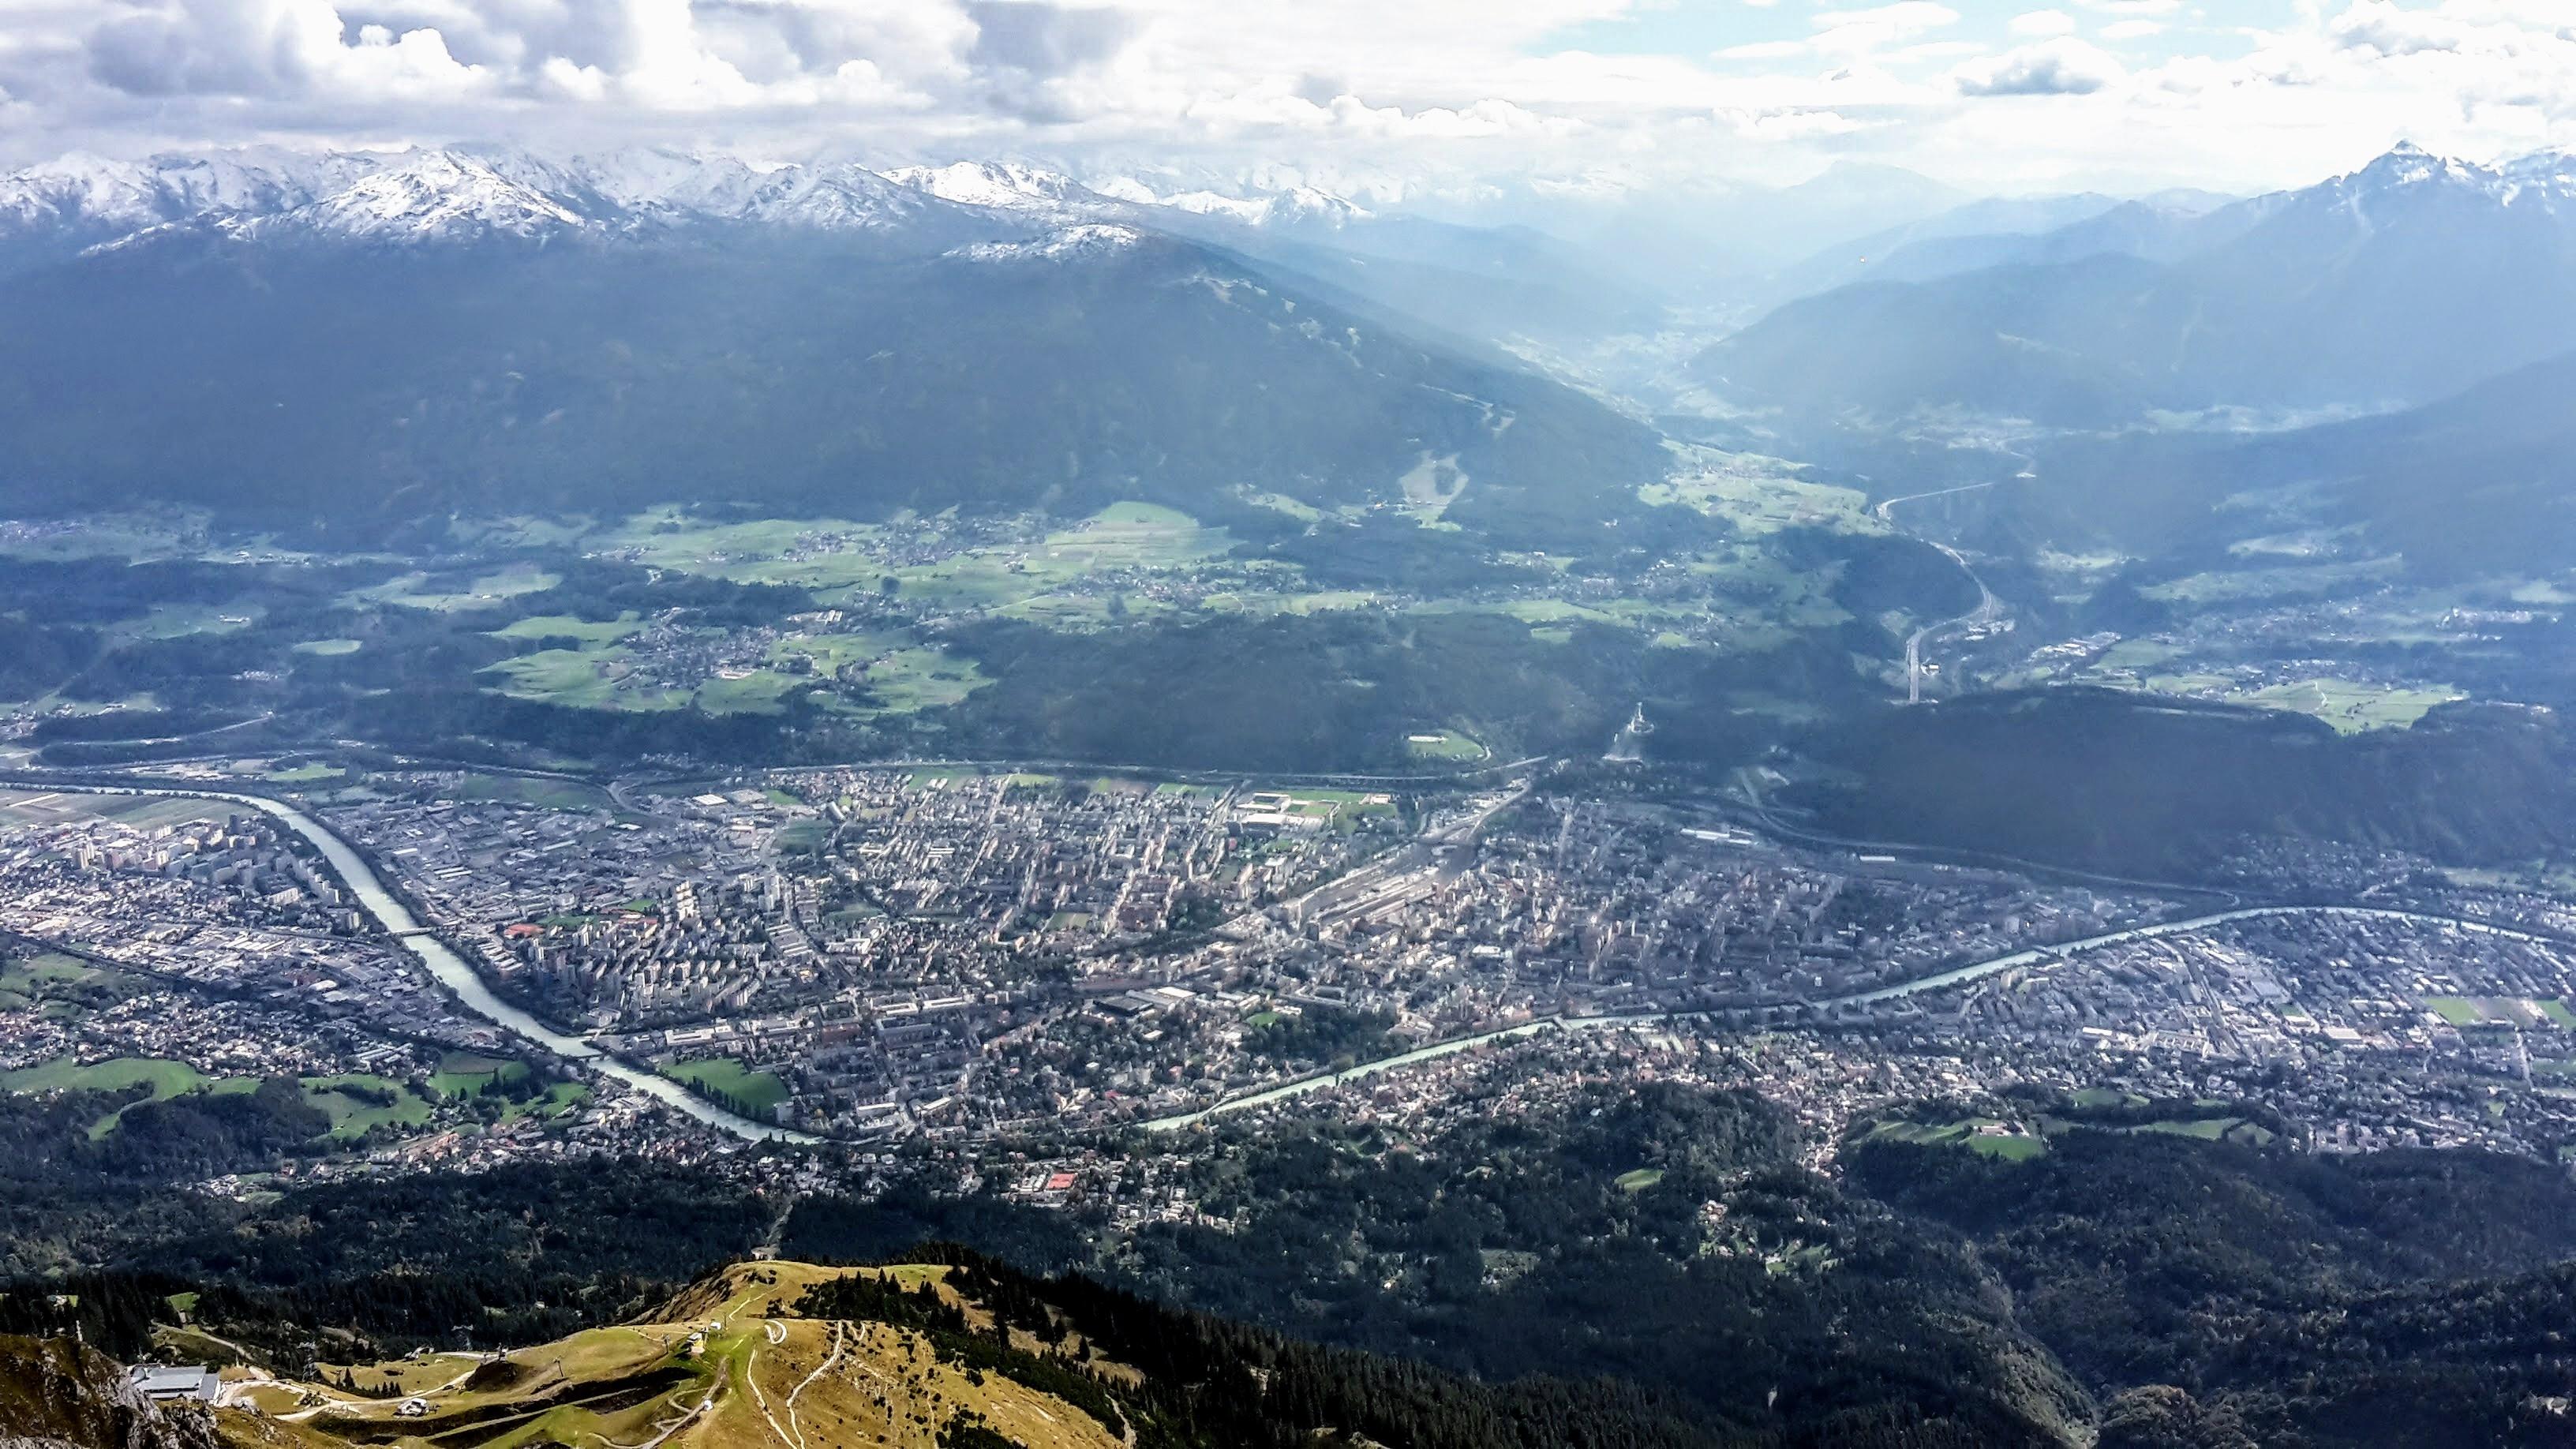 Klettersteig Innsbruck : Klettersteige rund um innsbruck